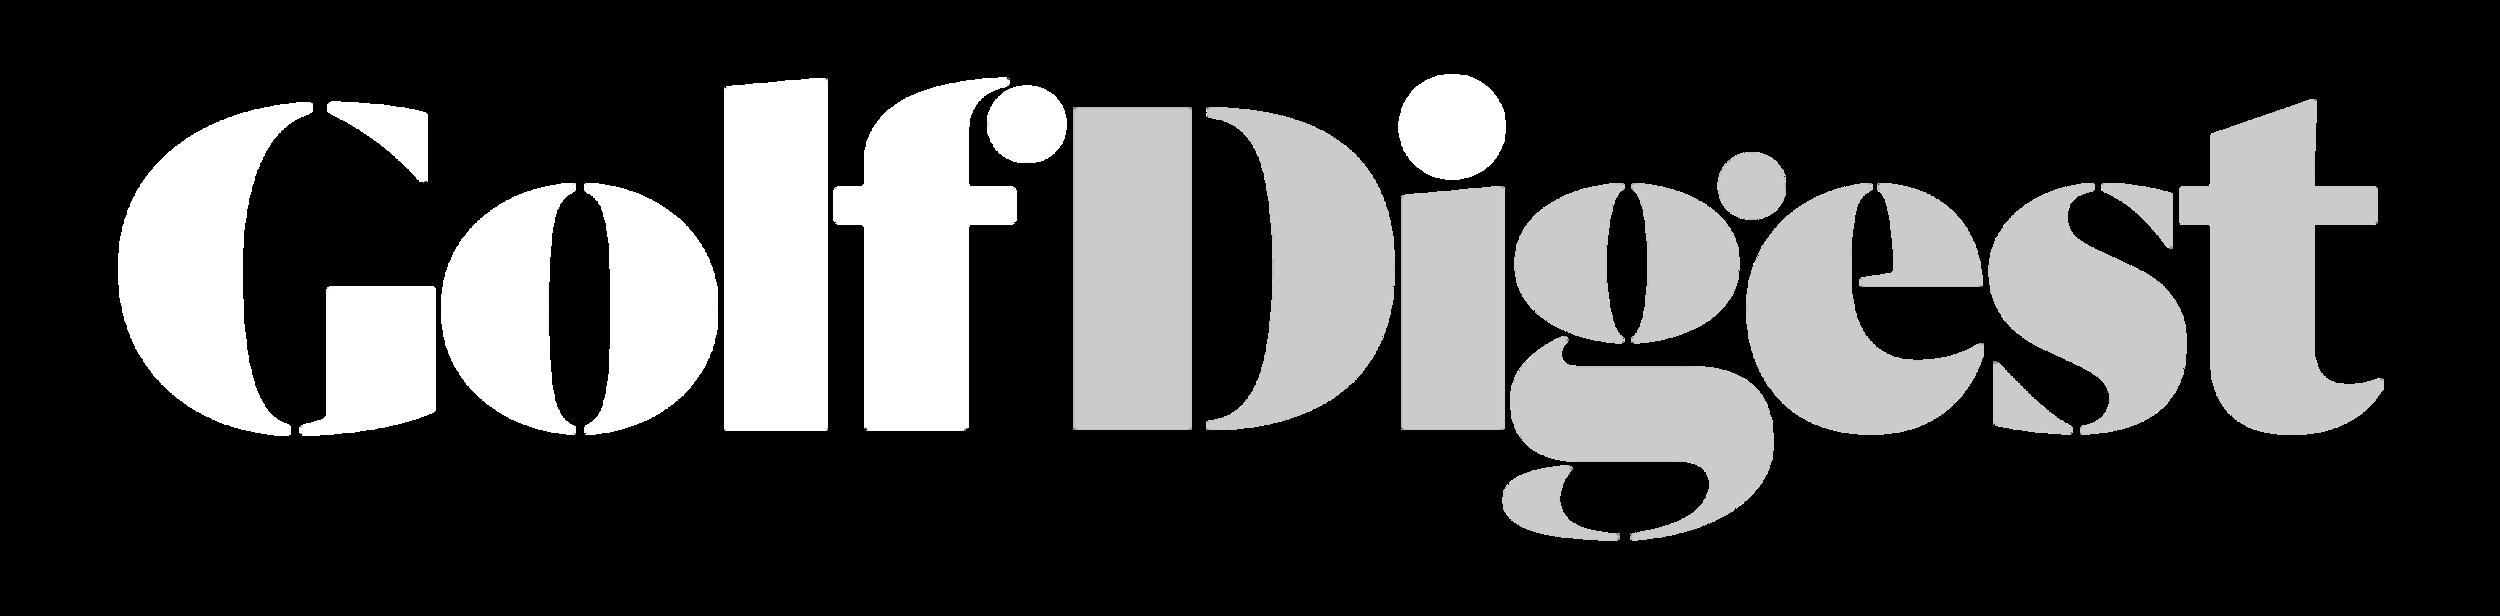 partner-Golf_Digest.png